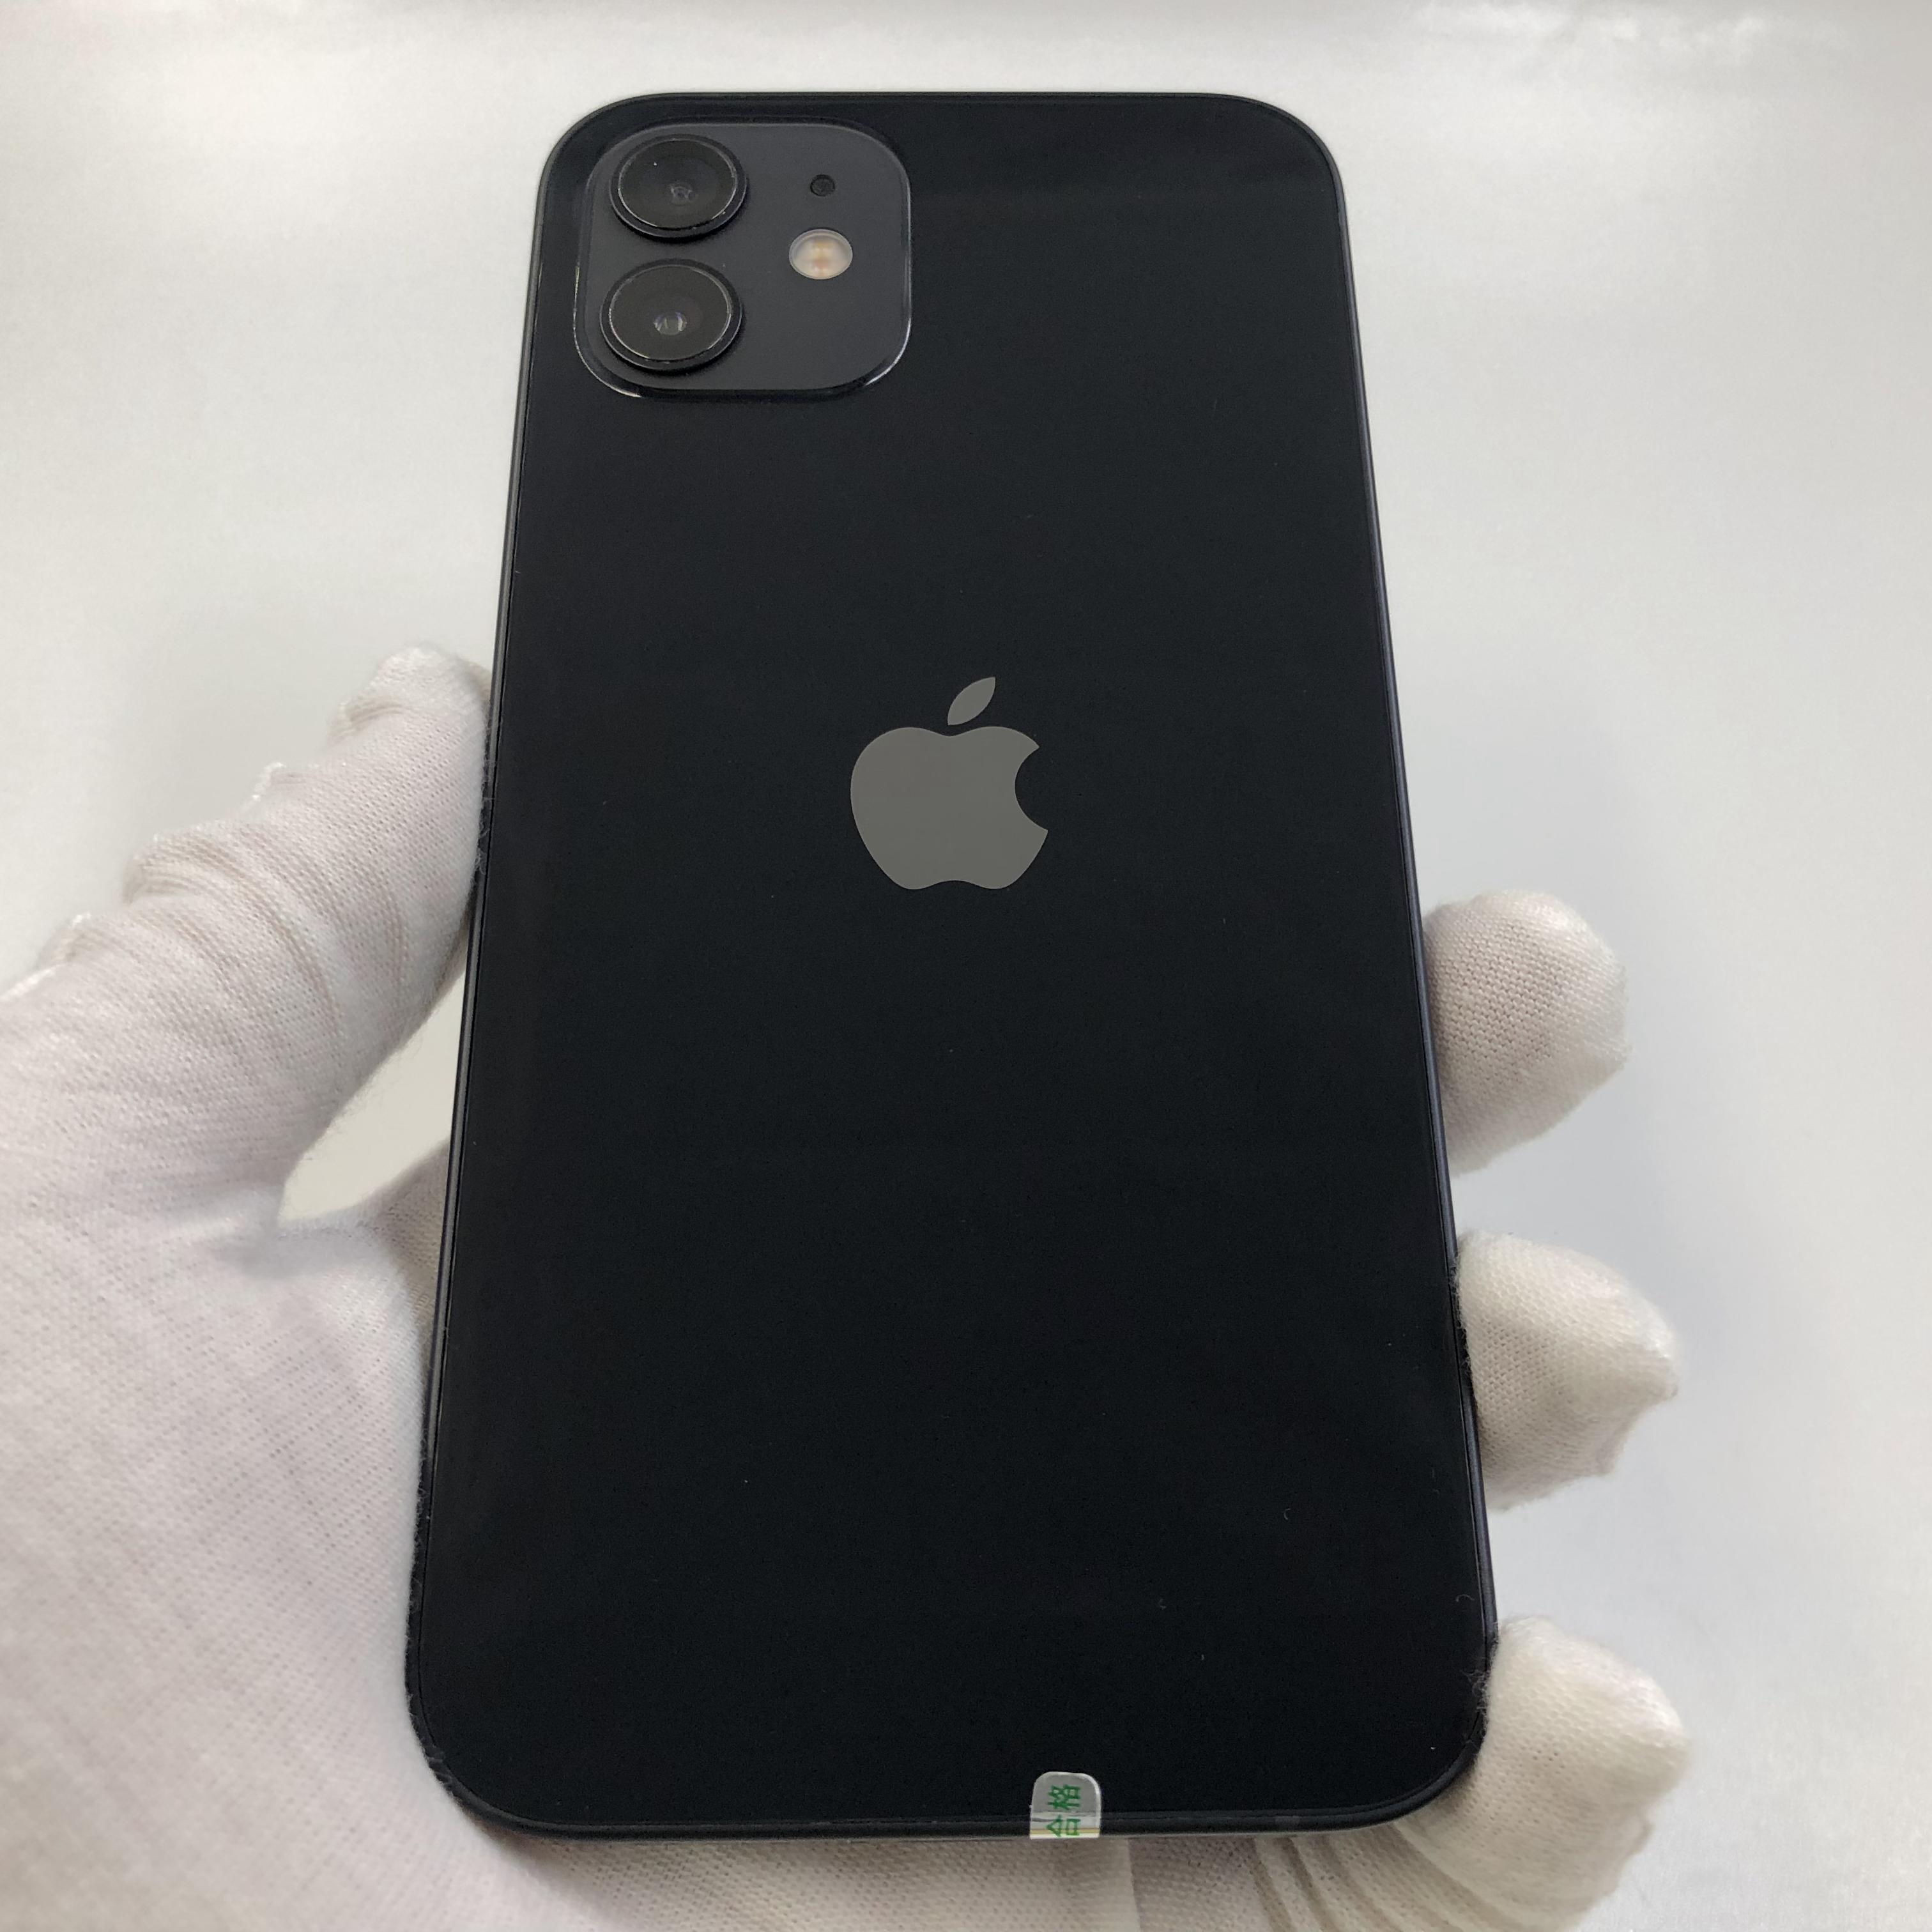 苹果【iPhone 12】5G全网通 黑色 128G 国行 8成新 真机实拍官保2021-12-23